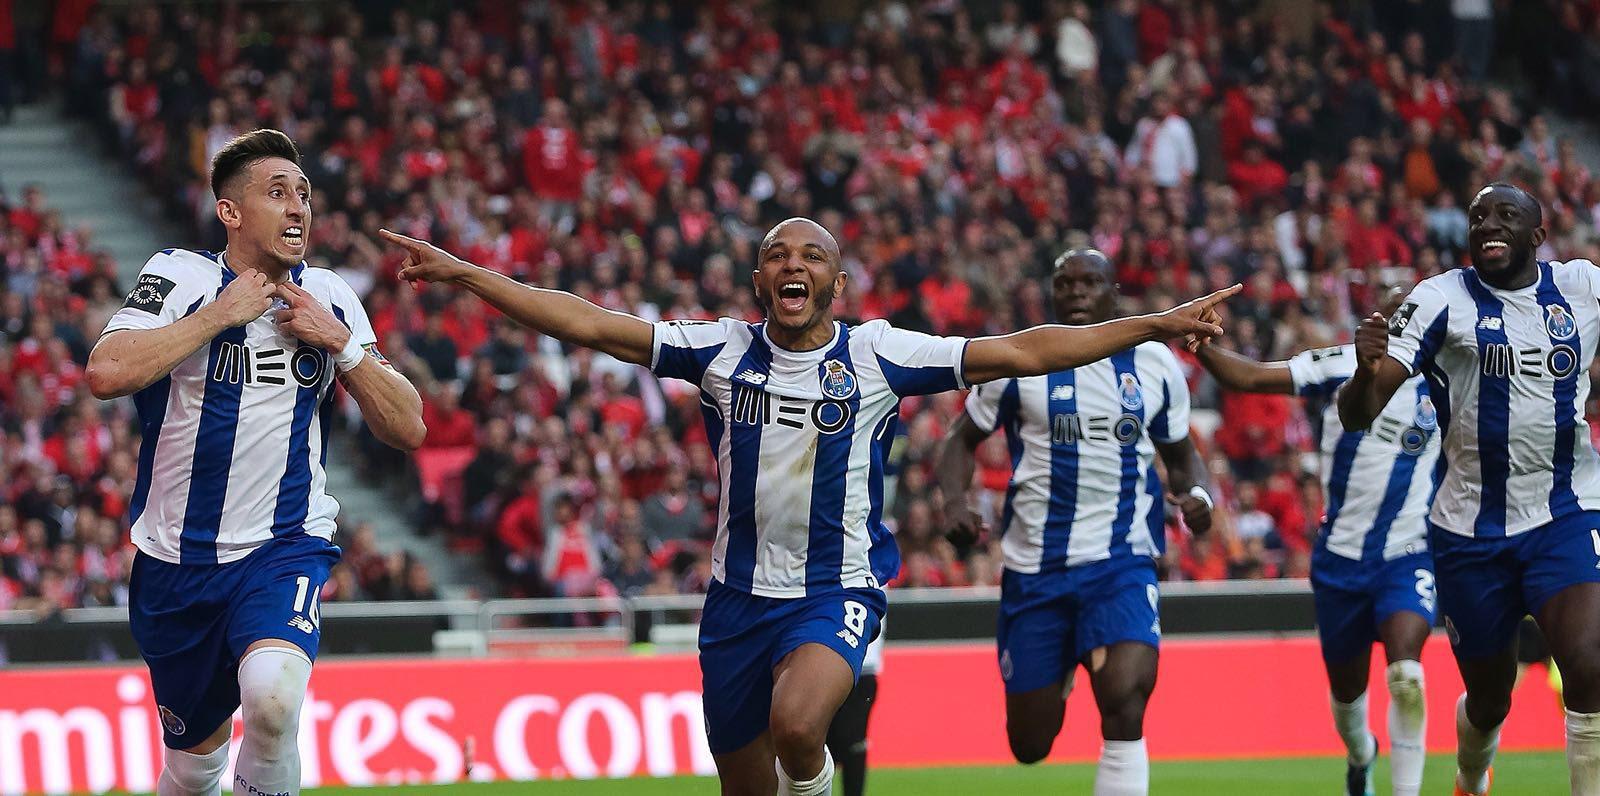 Νίκη (1-0) τίτλου για Πόρτο στο Ντα Λουζ, επεισόδια λίγο πριν το φινάλε (vid, pic)